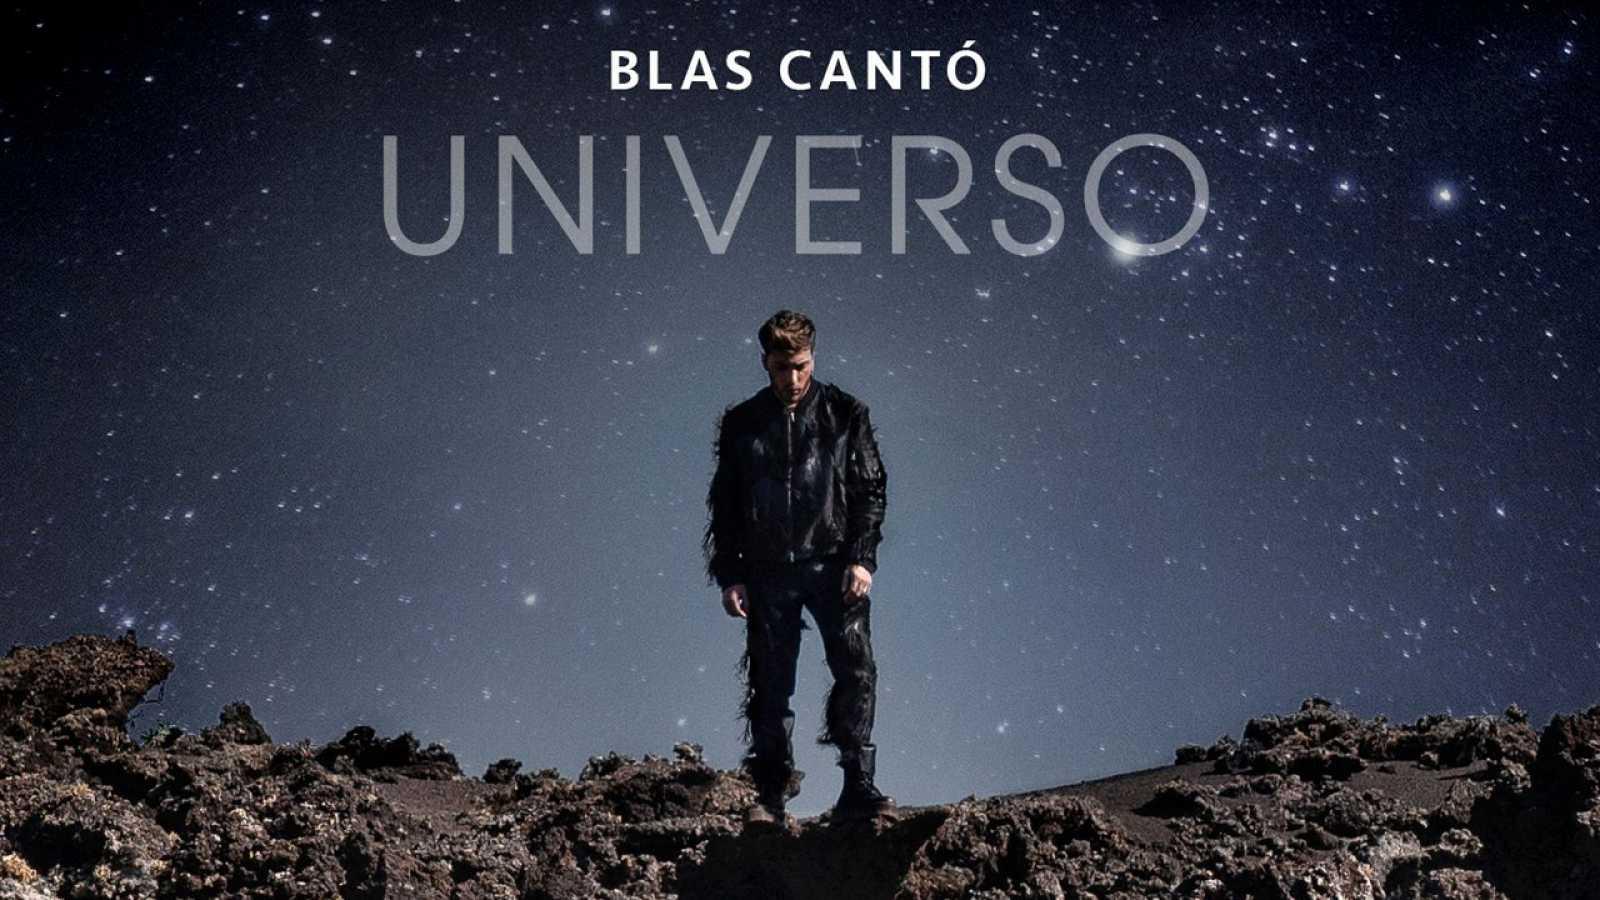 Hablamos con Blas Cantó de 'Universo'